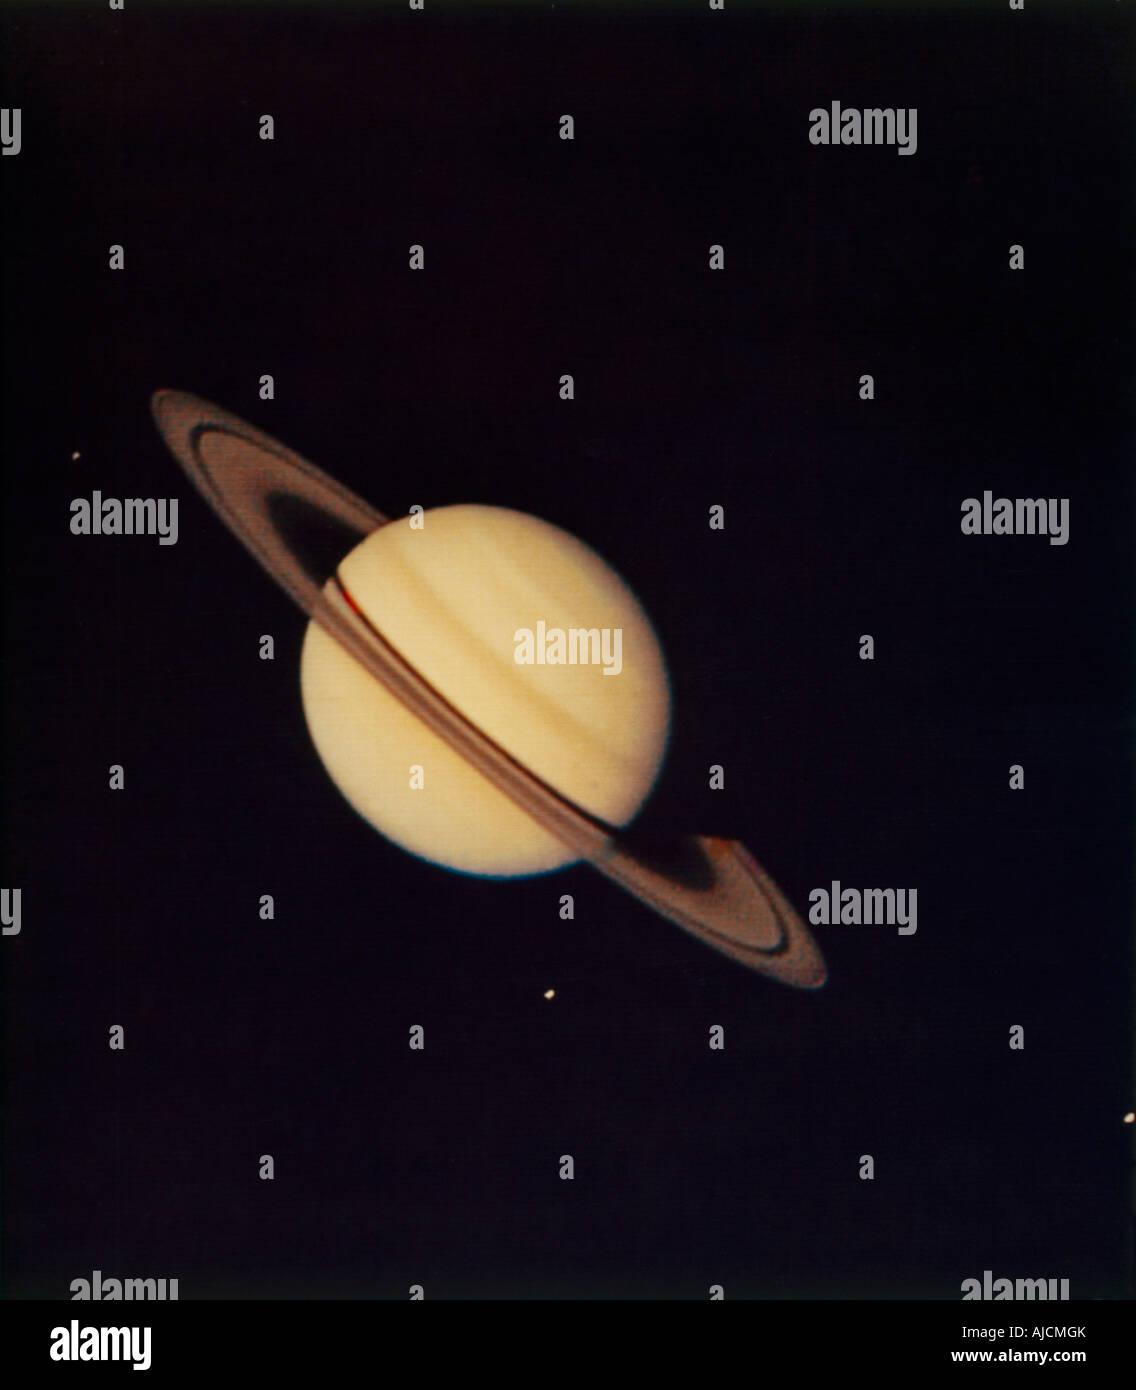 Saturno y sus lunas Imagen De Stock